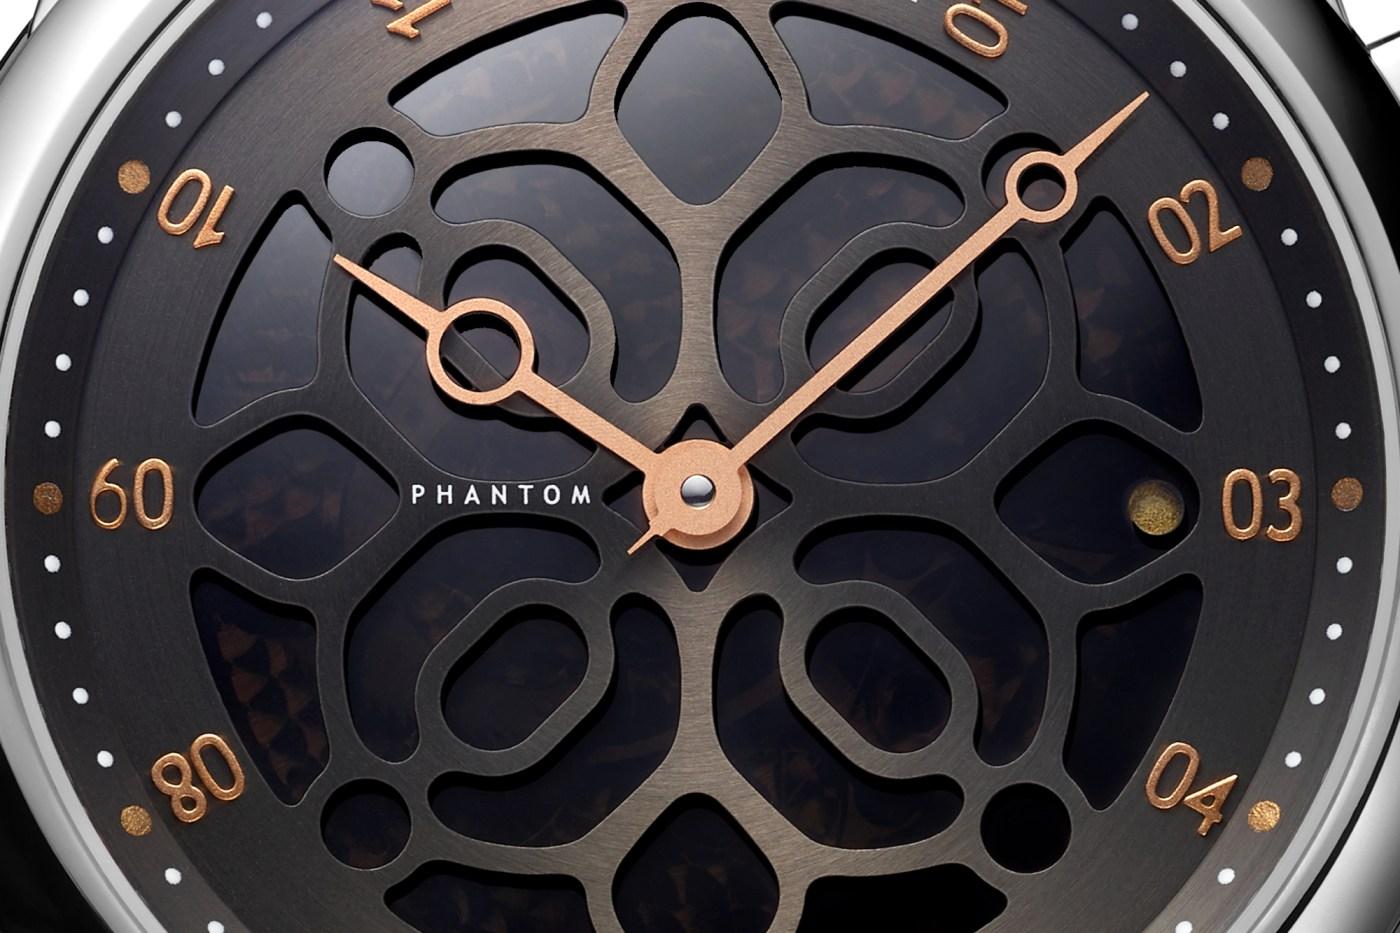 Ulysse Nardin Hourstriker Phantom with Devialet dial close-up